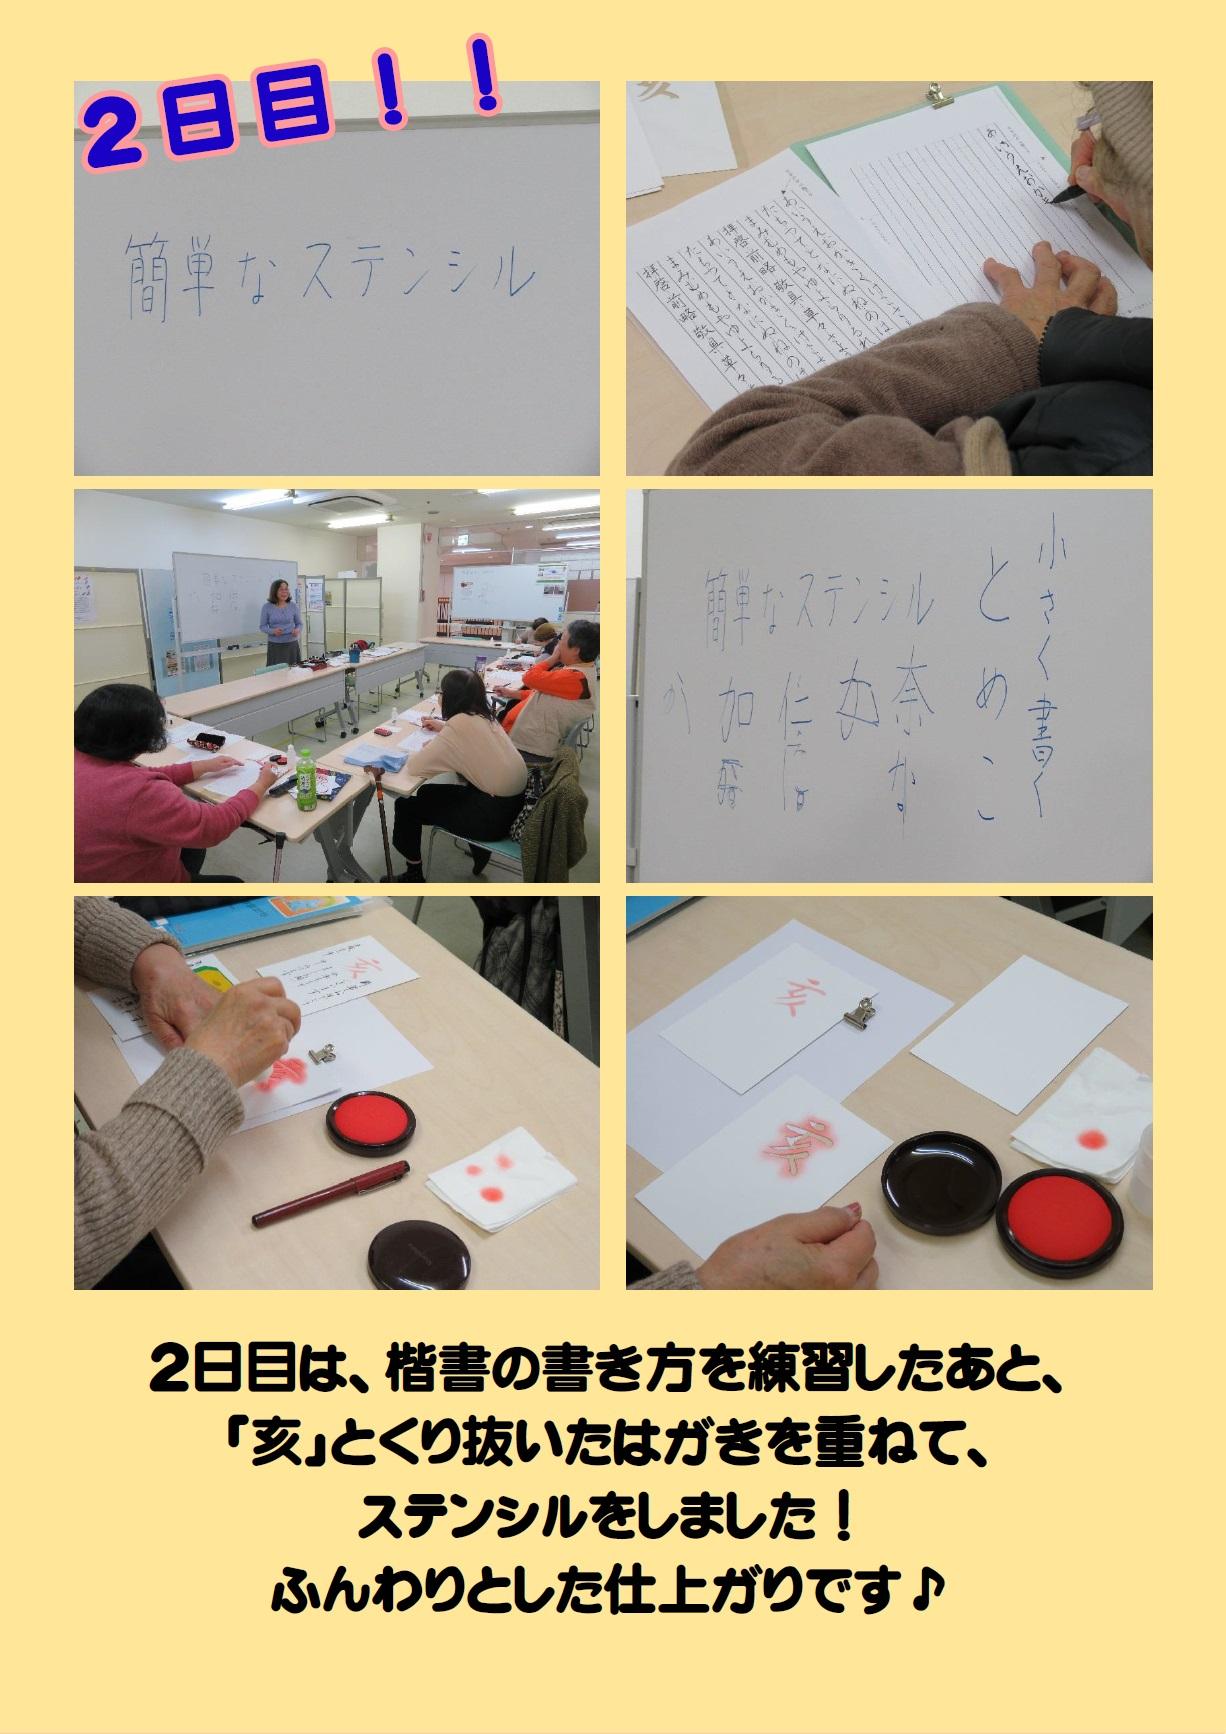 ふつかめは、楷書の書き方を練習した後、 「亥」 とくり抜いたはがきを重ねて、ステンシルをしました。ふんわりとした仕上がりです。